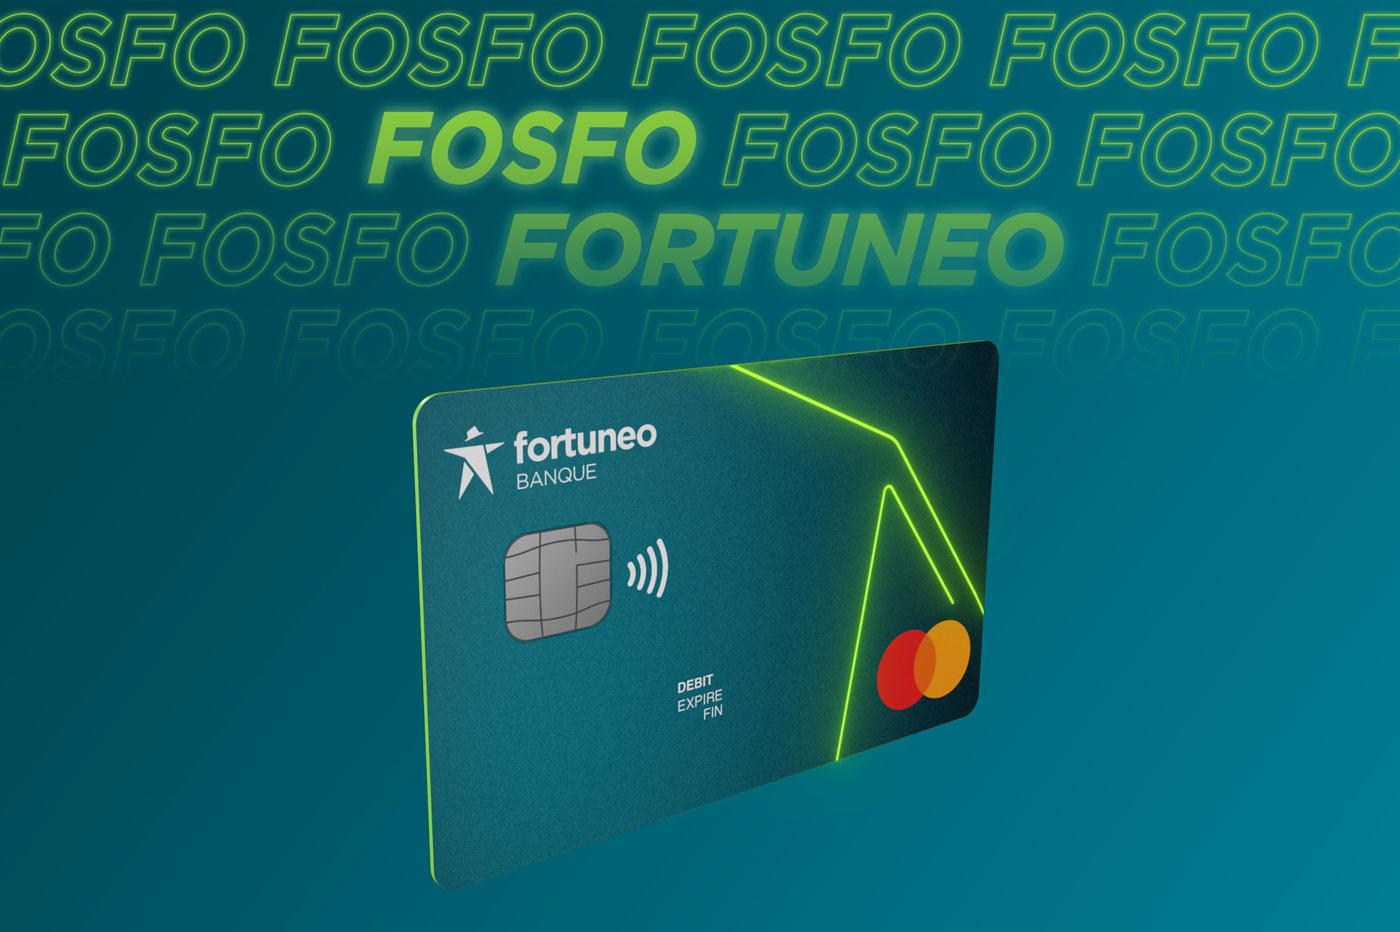 Fortuneo officialise Fosfo, une carte internationale sans aucun frais